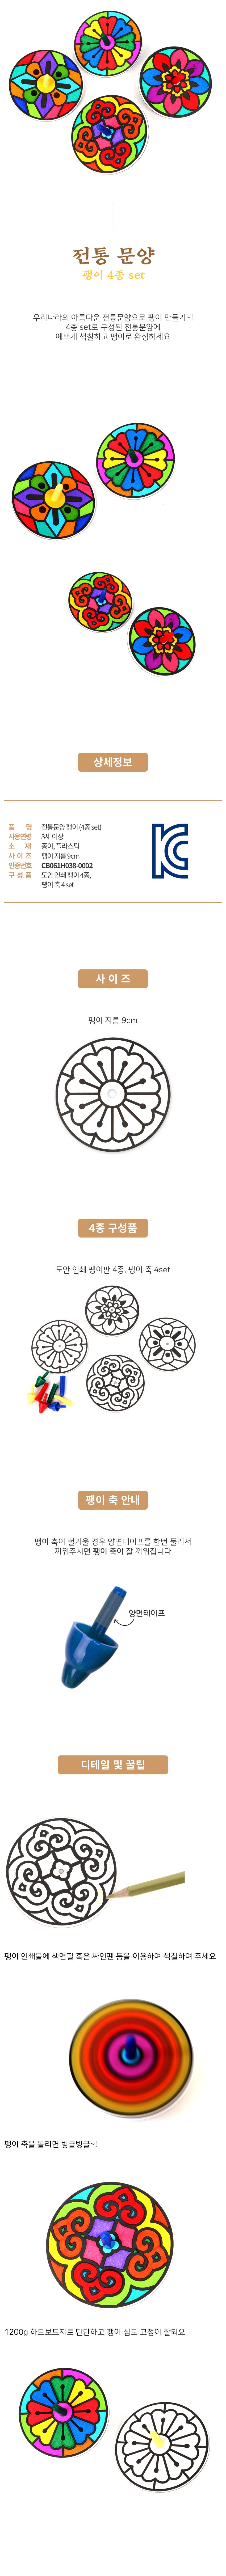 전통문양 팽이 4종 set - 미술샘, 3,200원, 종이공예/북아트, 종이공예 패키지